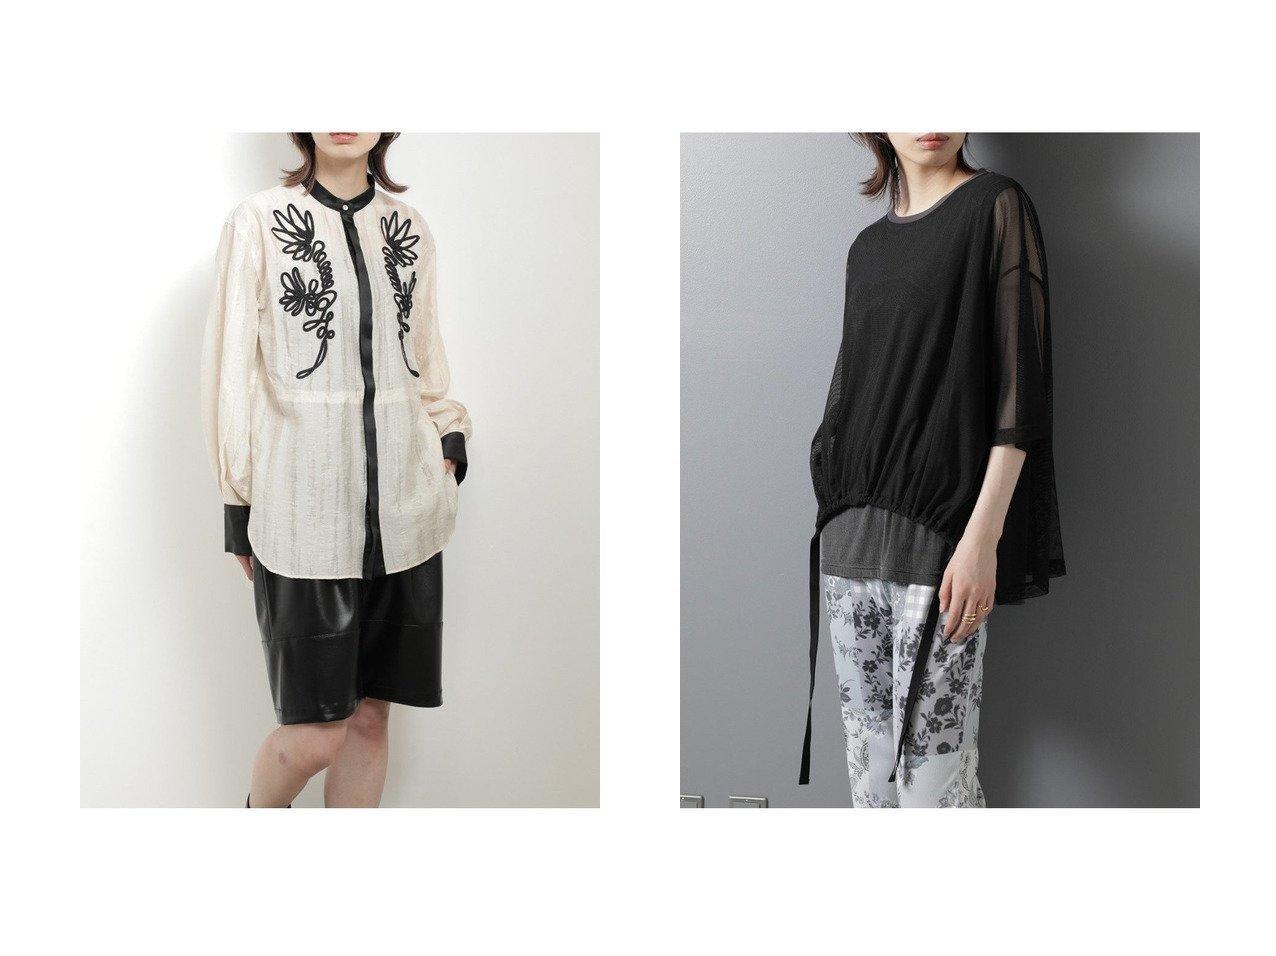 【ROSE BUD/ローズバッド】の袖ボリュームメッシュカットソー&コード刺繍ブラウス 【トップス・カットソー】おすすめ!人気、トレンド・レディースファッションの通販 おすすめで人気の流行・トレンド、ファッションの通販商品 インテリア・家具・メンズファッション・キッズファッション・レディースファッション・服の通販 founy(ファニー) https://founy.com/ ファッション Fashion レディースファッション WOMEN トップス・カットソー Tops/Tshirt シャツ/ブラウス Shirts/Blouses ロング / Tシャツ T-Shirts カットソー Cut and Sewn 2020年 2020 2020-2021秋冬・A/W AW・Autumn/Winter・FW・Fall-Winter/2020-2021 2021年 2021 2021-2022秋冬・A/W AW・Autumn/Winter・FW・Fall-Winter・2021-2022 A/W・秋冬 AW・Autumn/Winter・FW・Fall-Winter おすすめ Recommend シアー ジャケット スリーブ モノトーン ロング カットソー ショート シンプル ノースリーブ ボトム メッシュ  ID:crp329100000060618